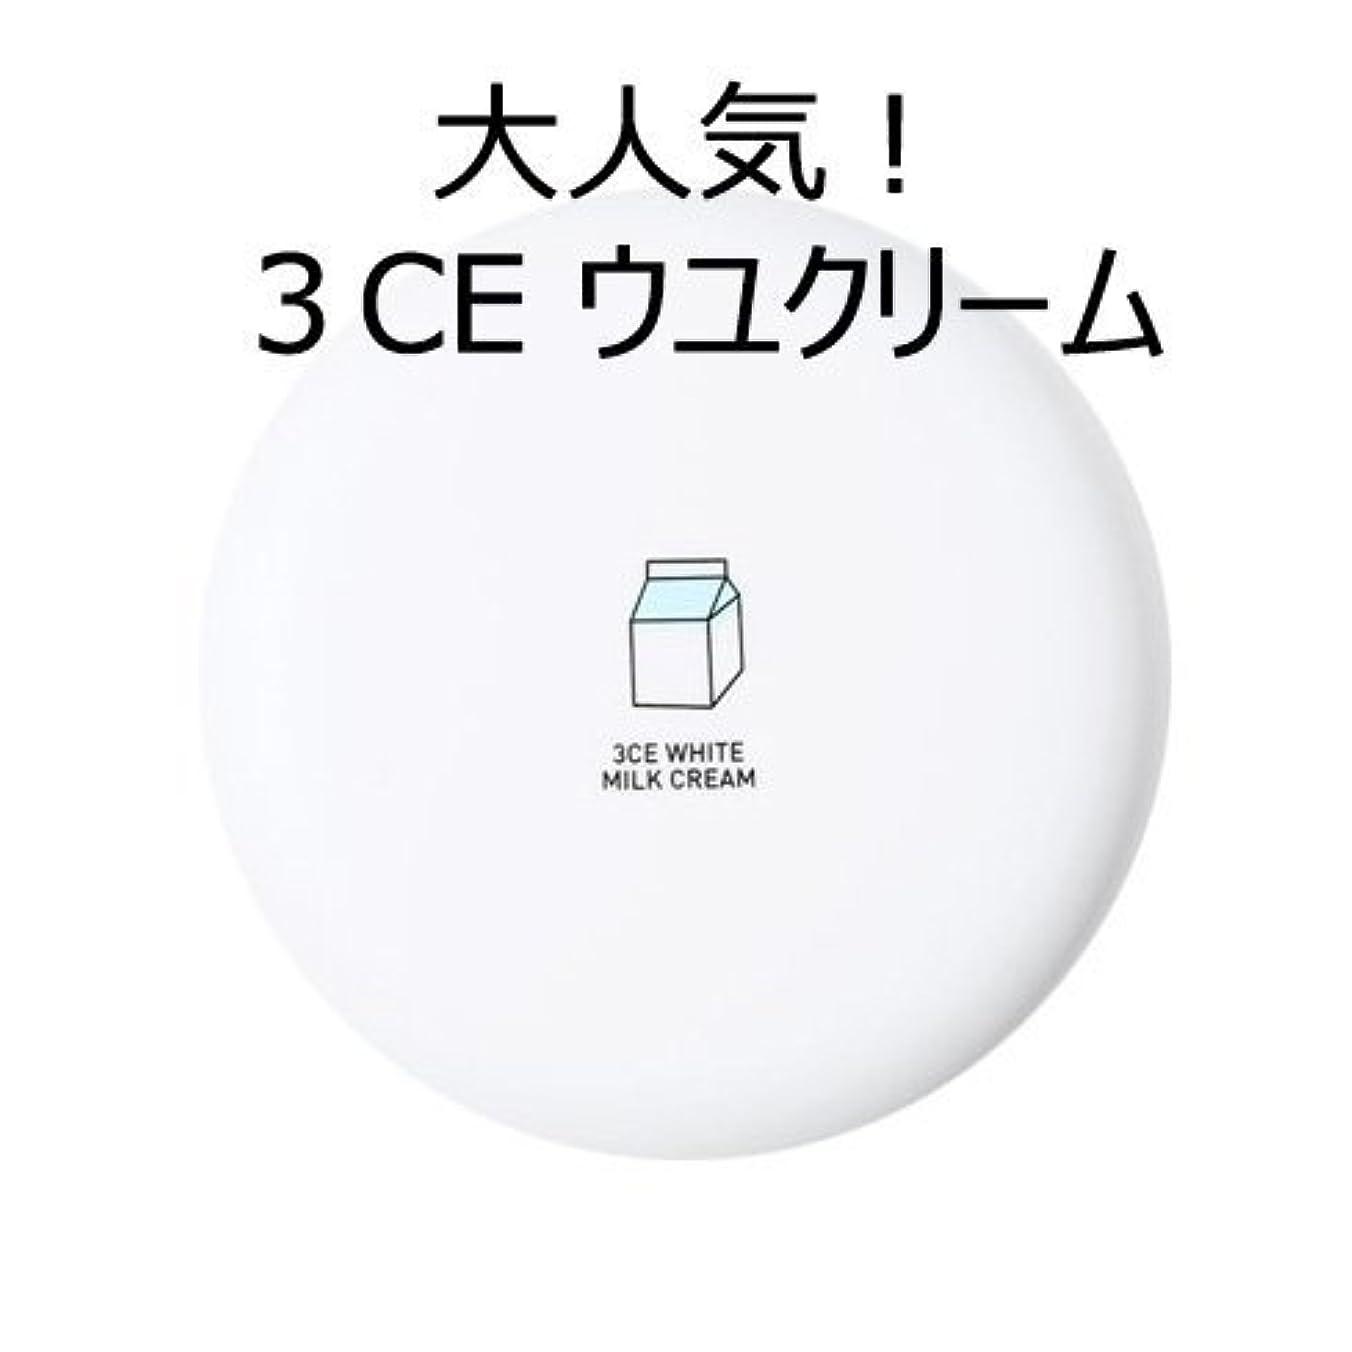 ウルル致命的ルアー[3CE] [大人気!話題のウユクリーム] 3CE White Milk Cream [並行輸入品]